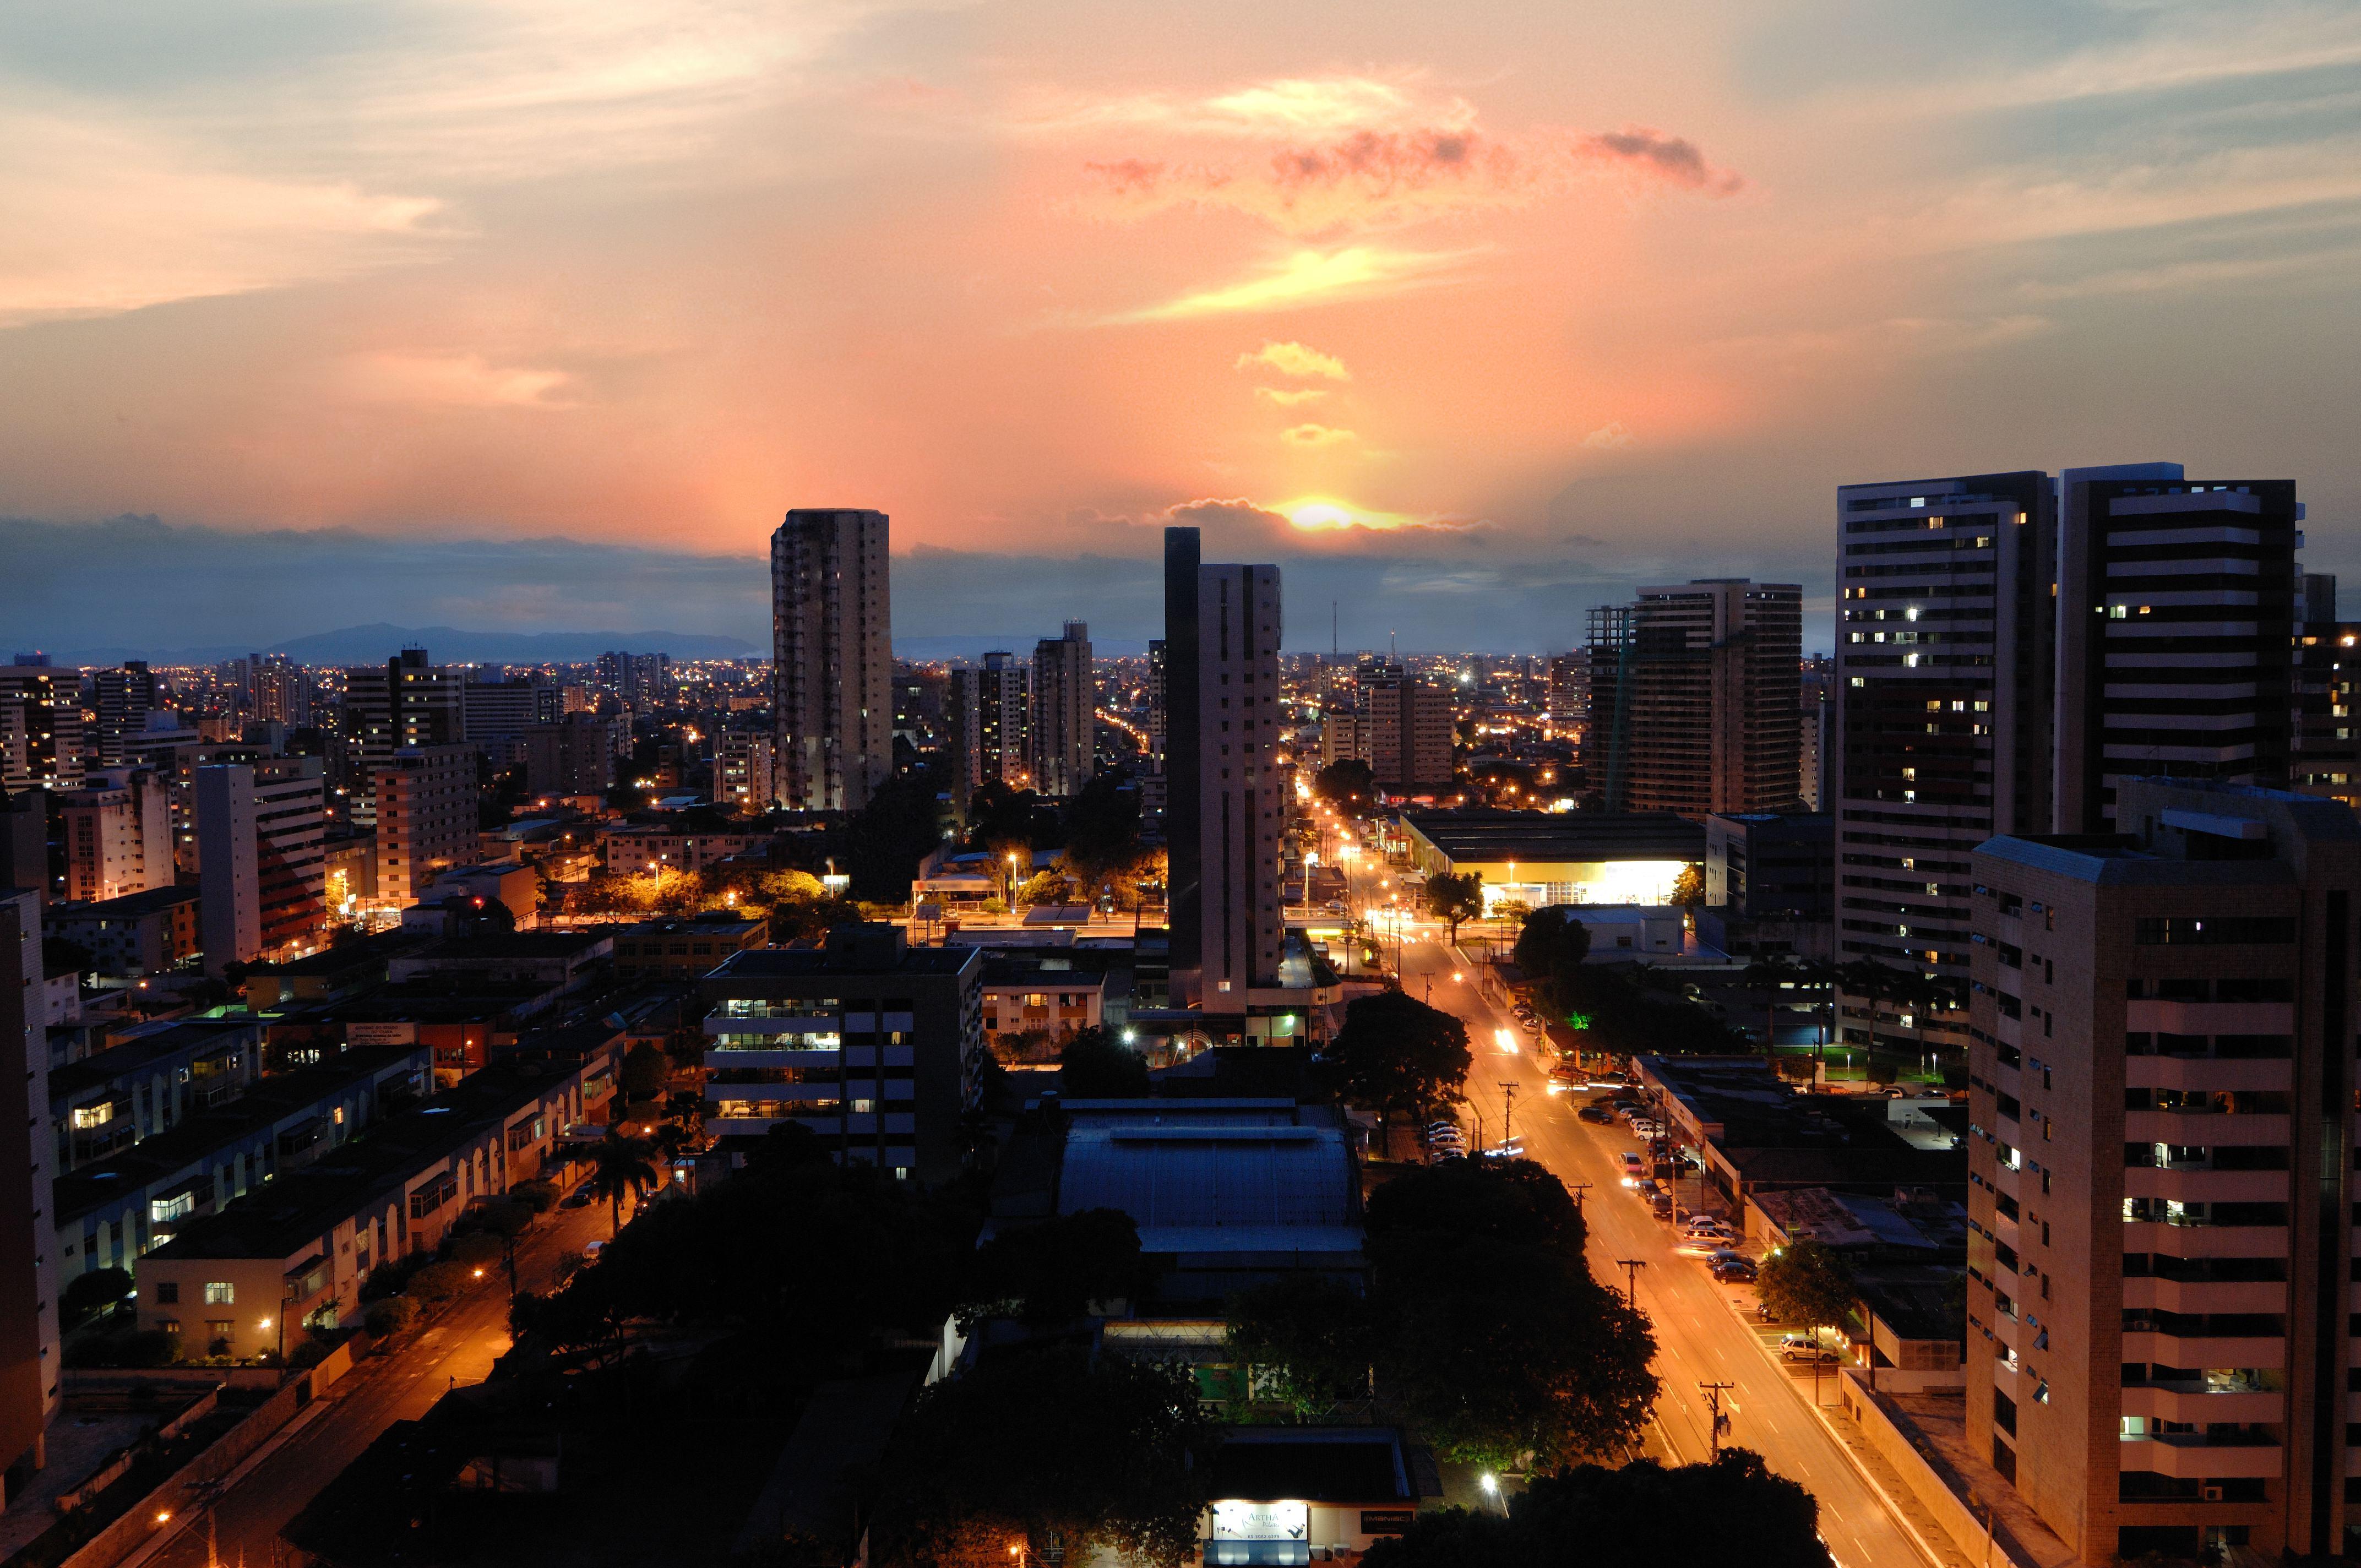 Em 2013, Fortaleza teve a quinta maior elevação no valor dos imóveis em novembro deste ano, registrando um aumento de 1,9% (FOTO: Falcão Jr)